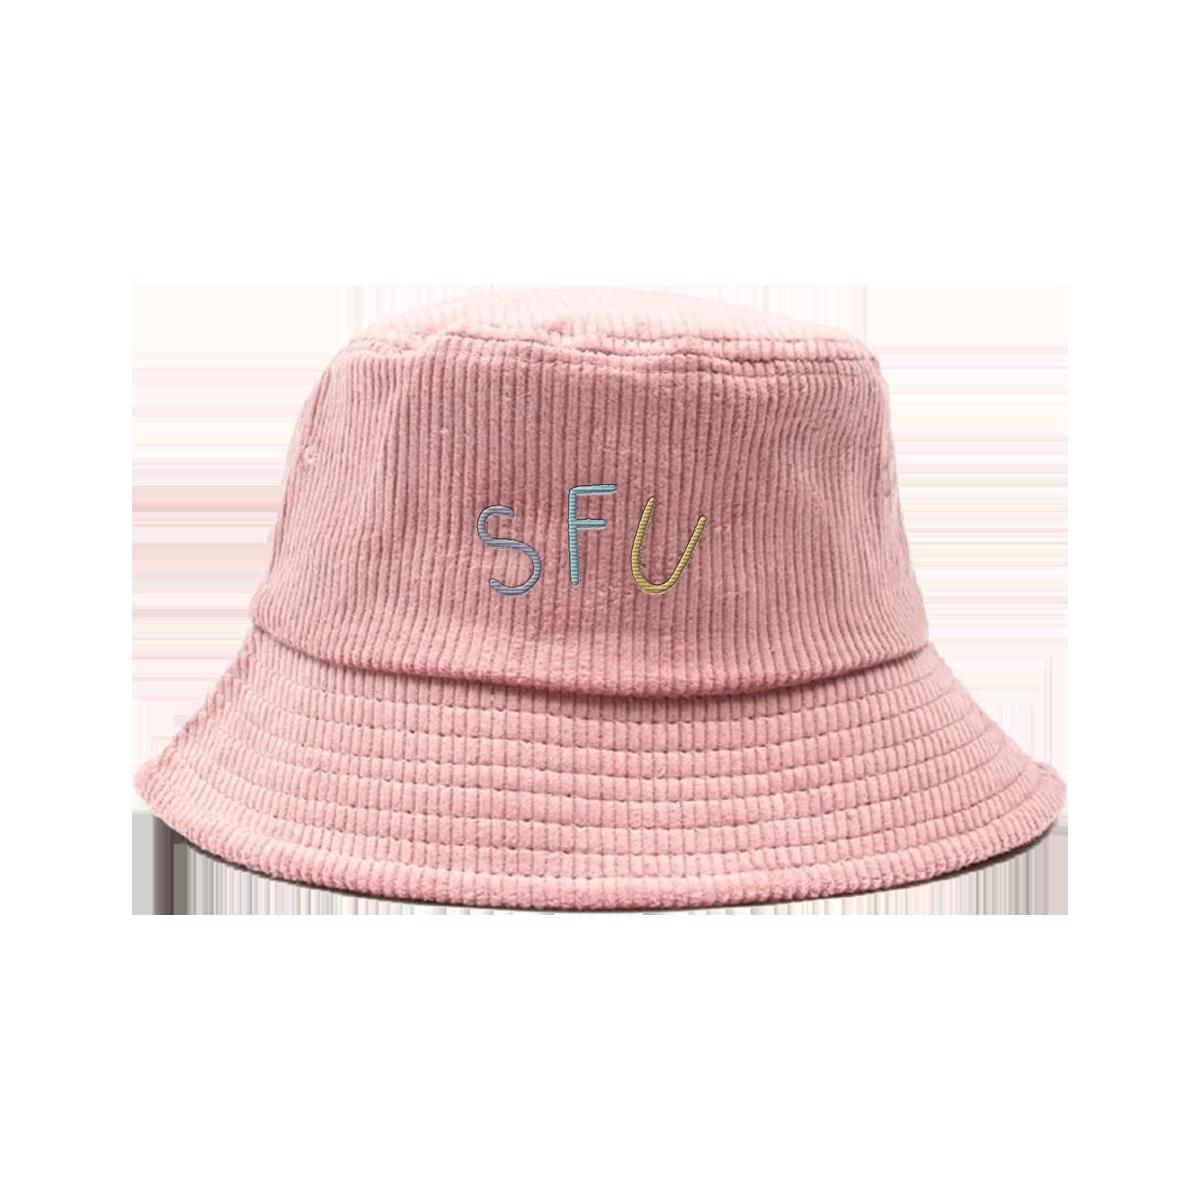 SFU Bucket Hat